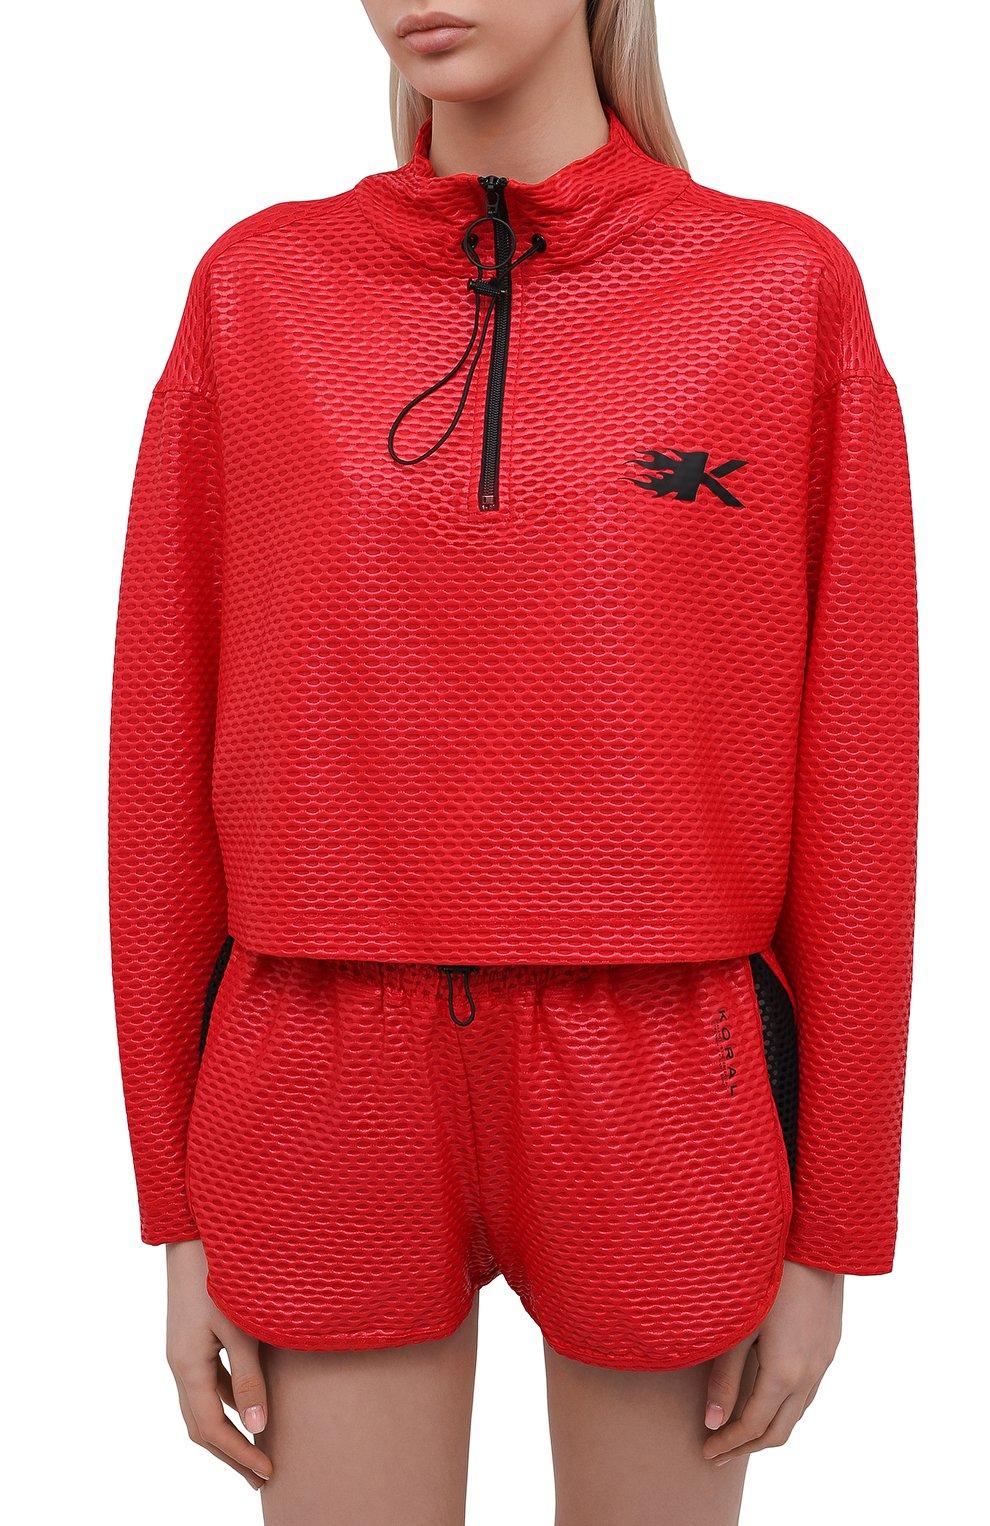 Женская анорак KORAL красного цвета, арт. A6477K09 | Фото 3 (Кросс-КТ: Куртка; Рукава: Длинные; Материал внешний: Синтетический материал; Стили: Спорт-шик; Длина (верхняя одежда): Короткие)